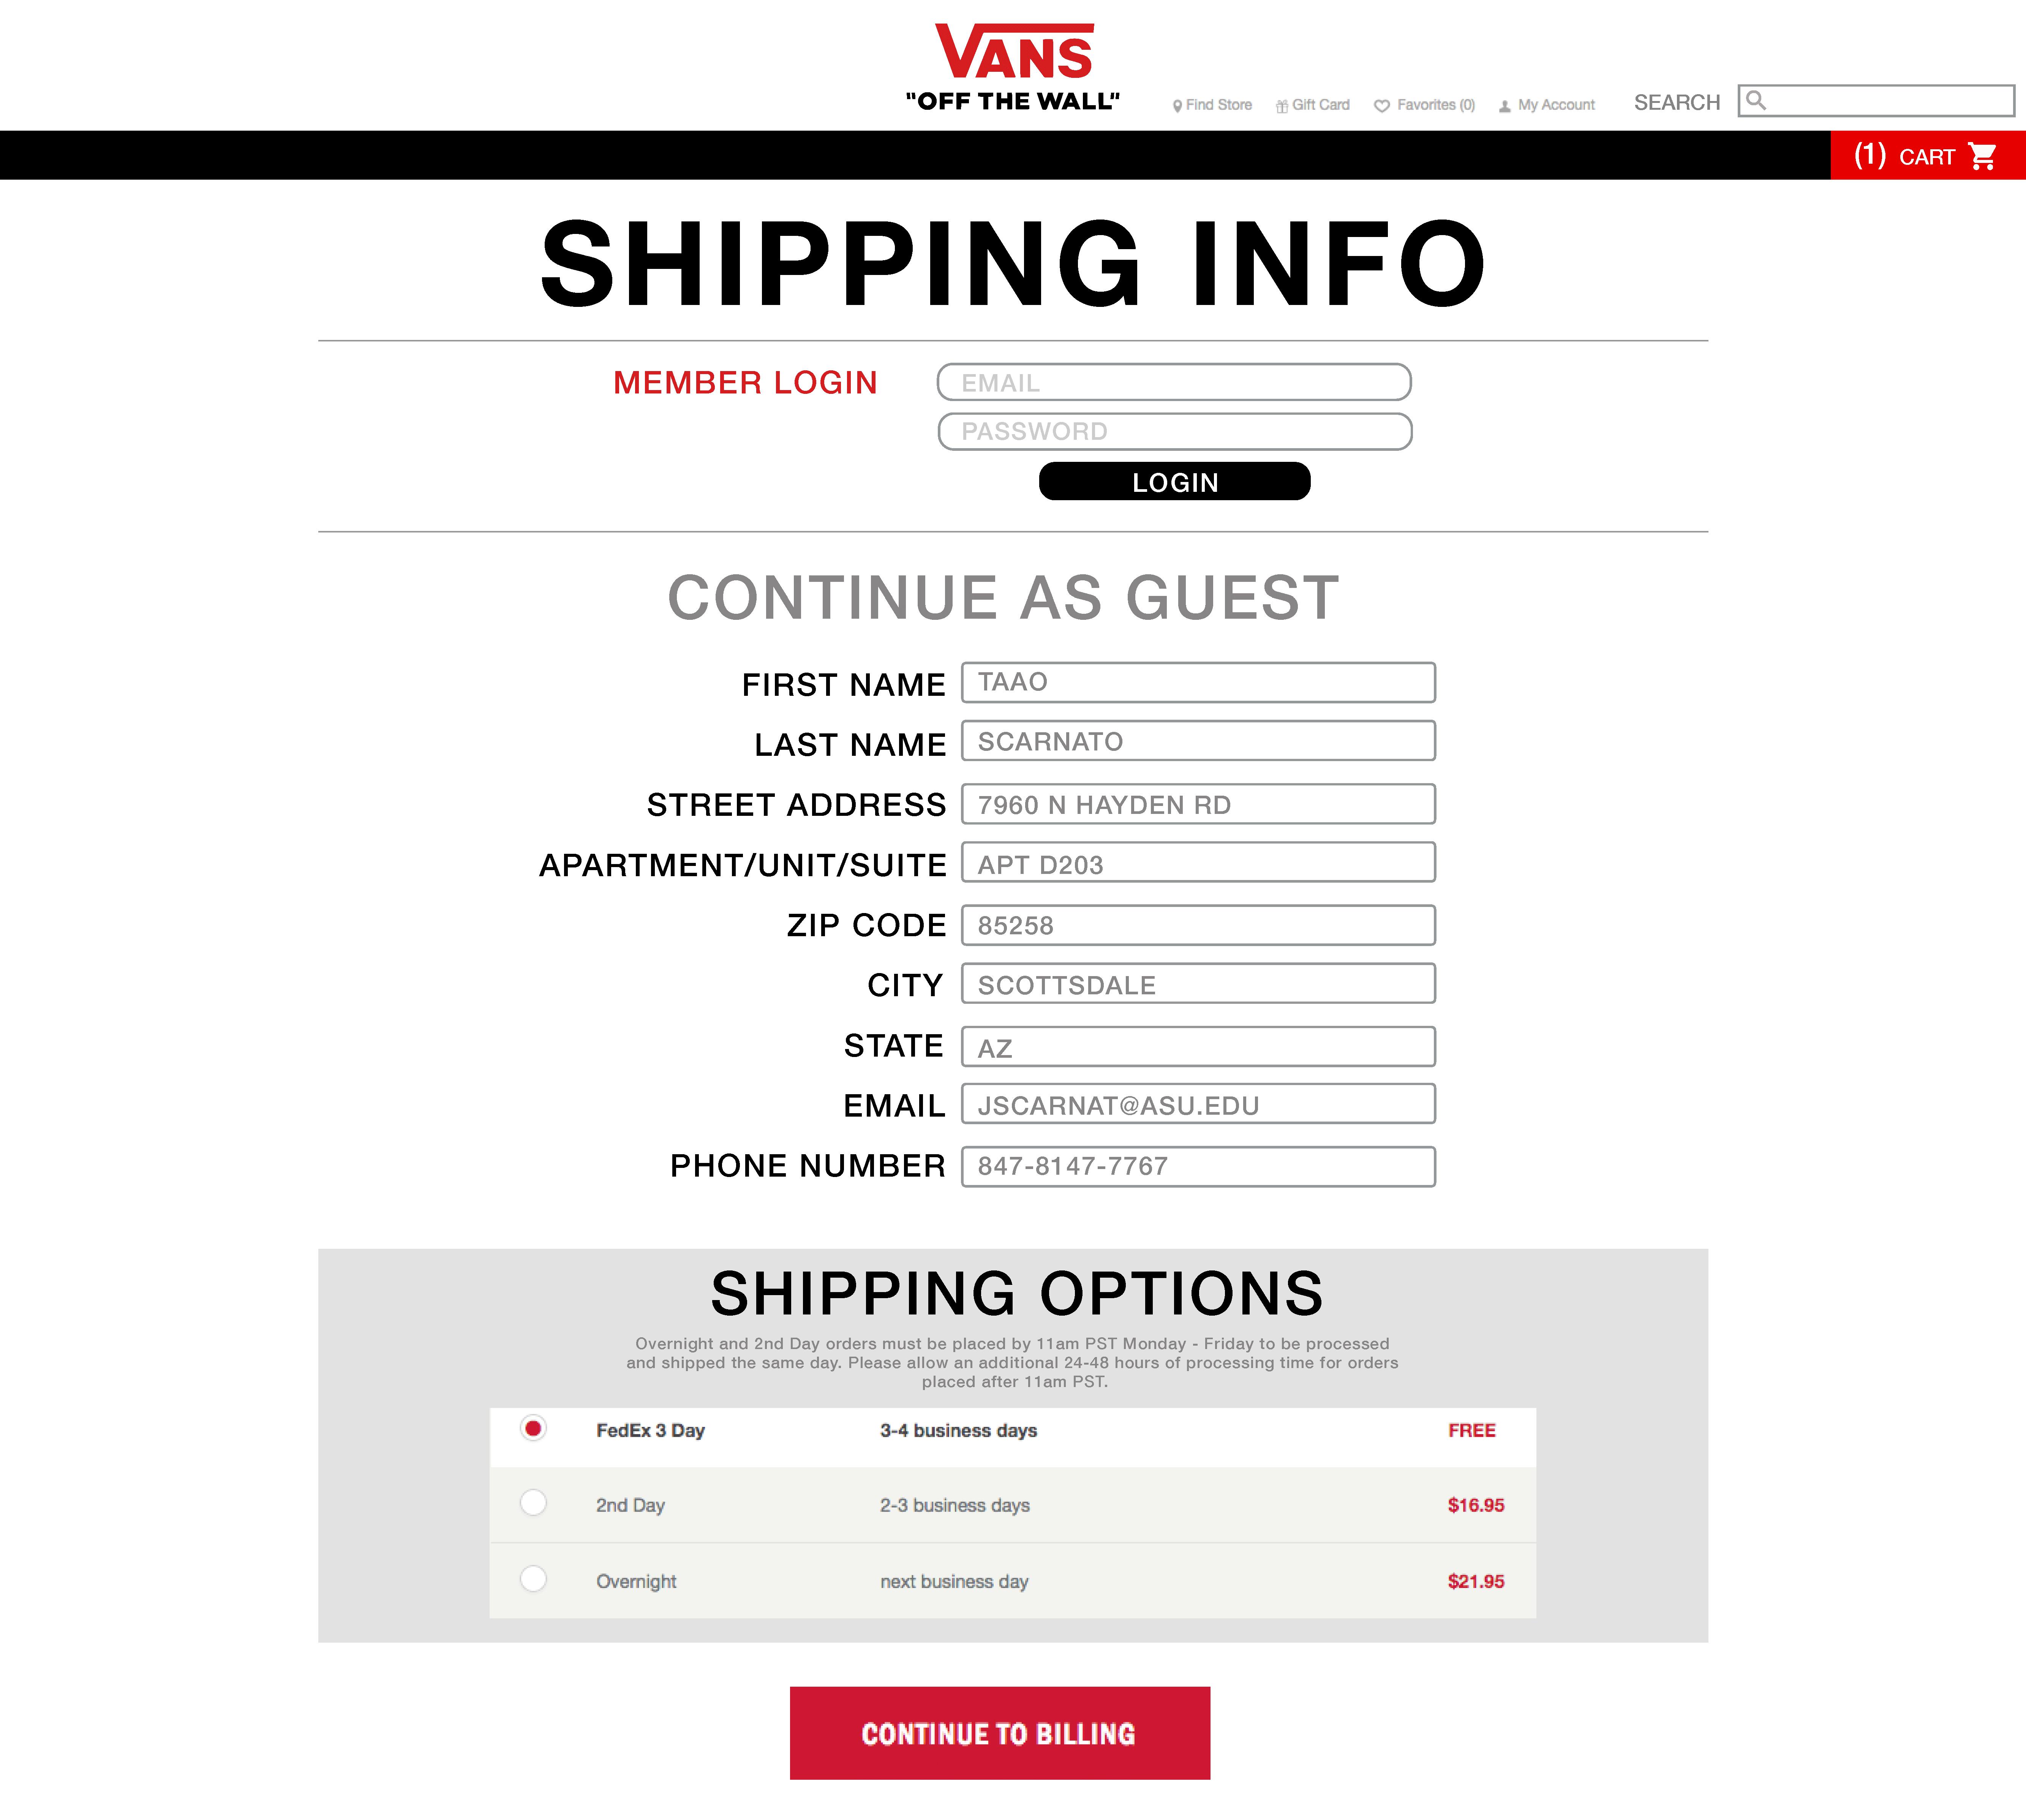 vans newsletter code